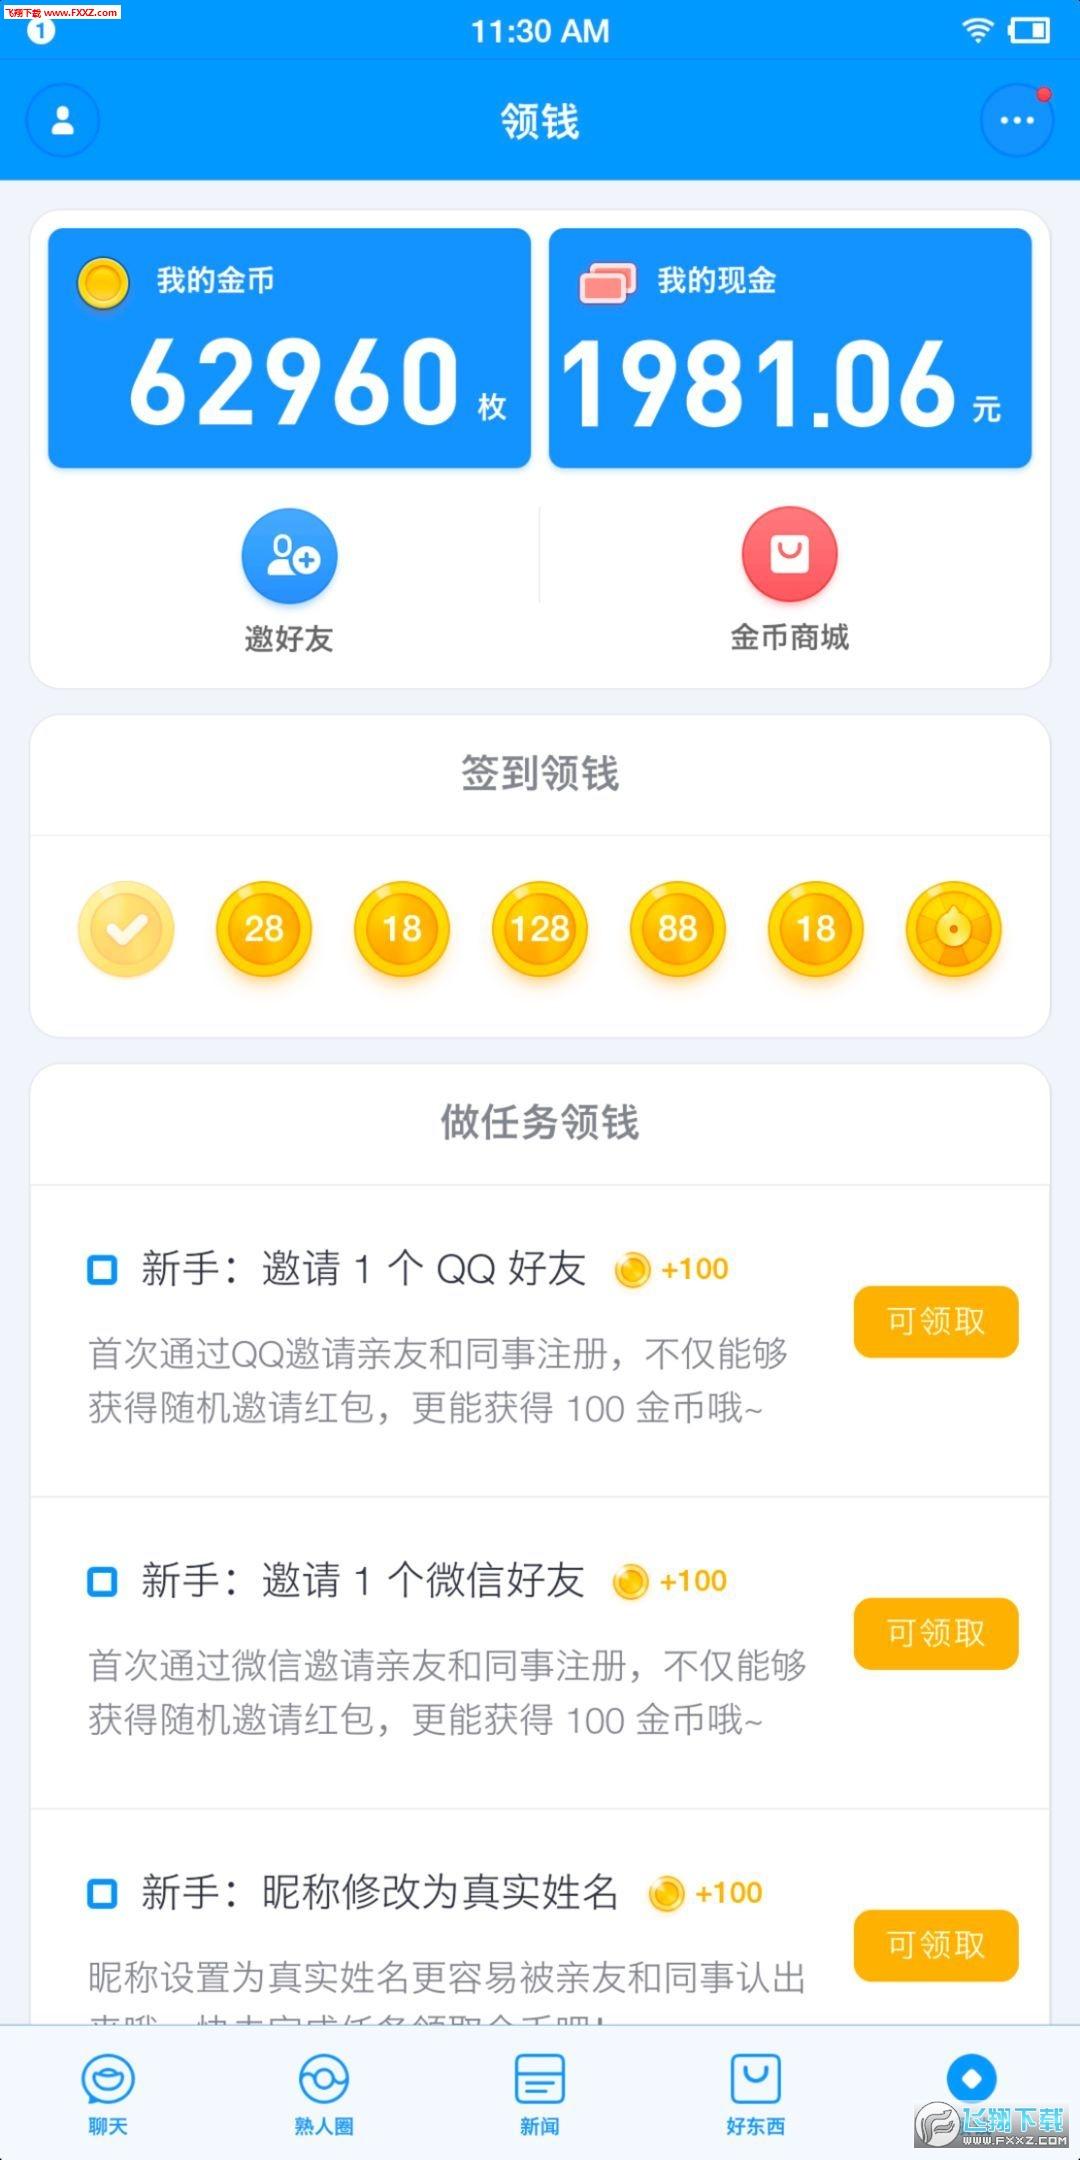 聊天宝appv 0.9.7截图0